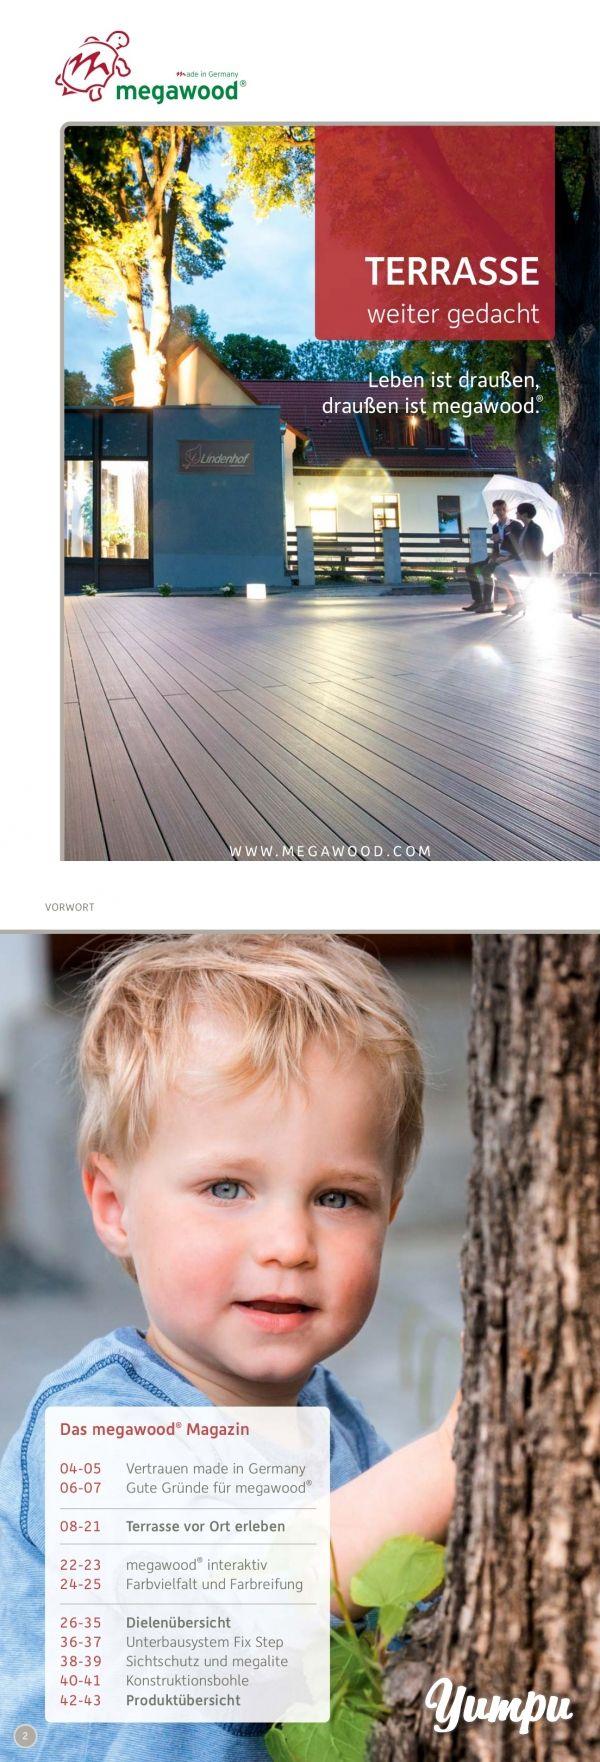 Das Terrassensystem von Megawood - Magazine with 44 pages: In diesem Magazin erfahren Sie alles über die Produkte von Megawood. Ebenso lernen Sie die vielen Vorteile von WPC kennen.